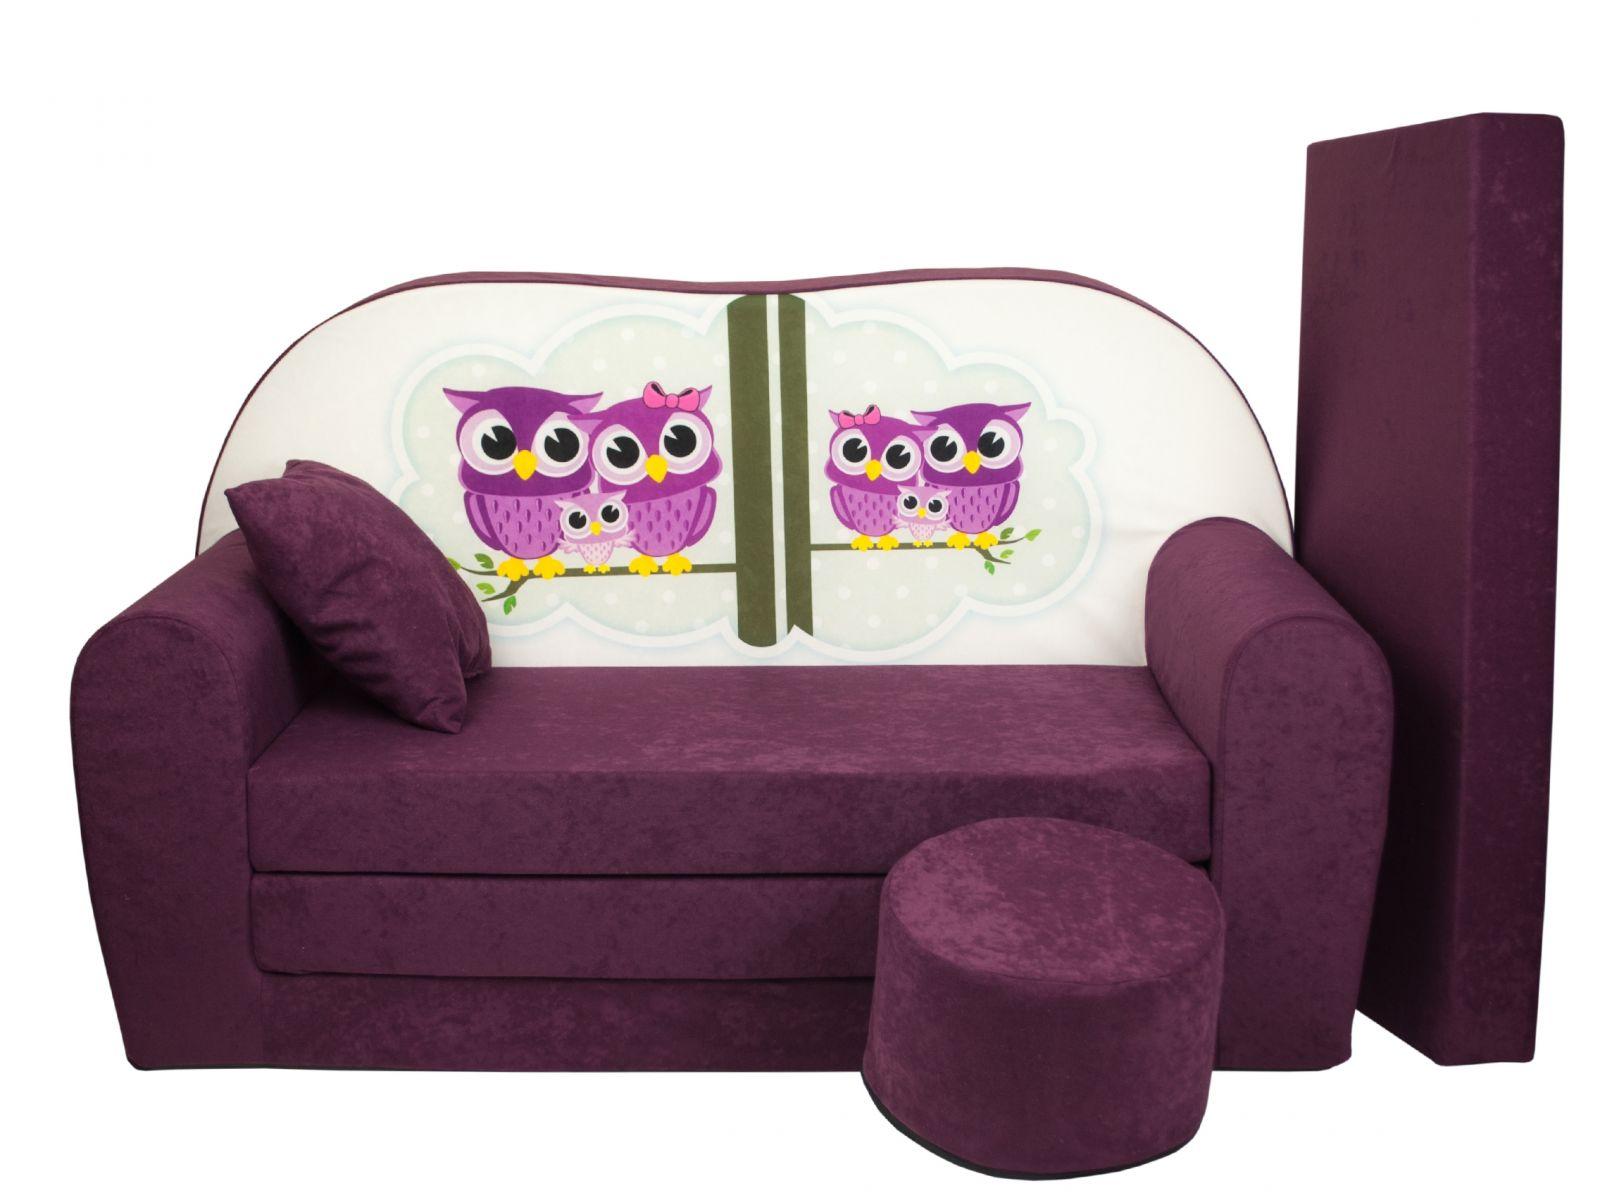 Fimex Dětská rozkládací pohovka + taburet Sovy fialová